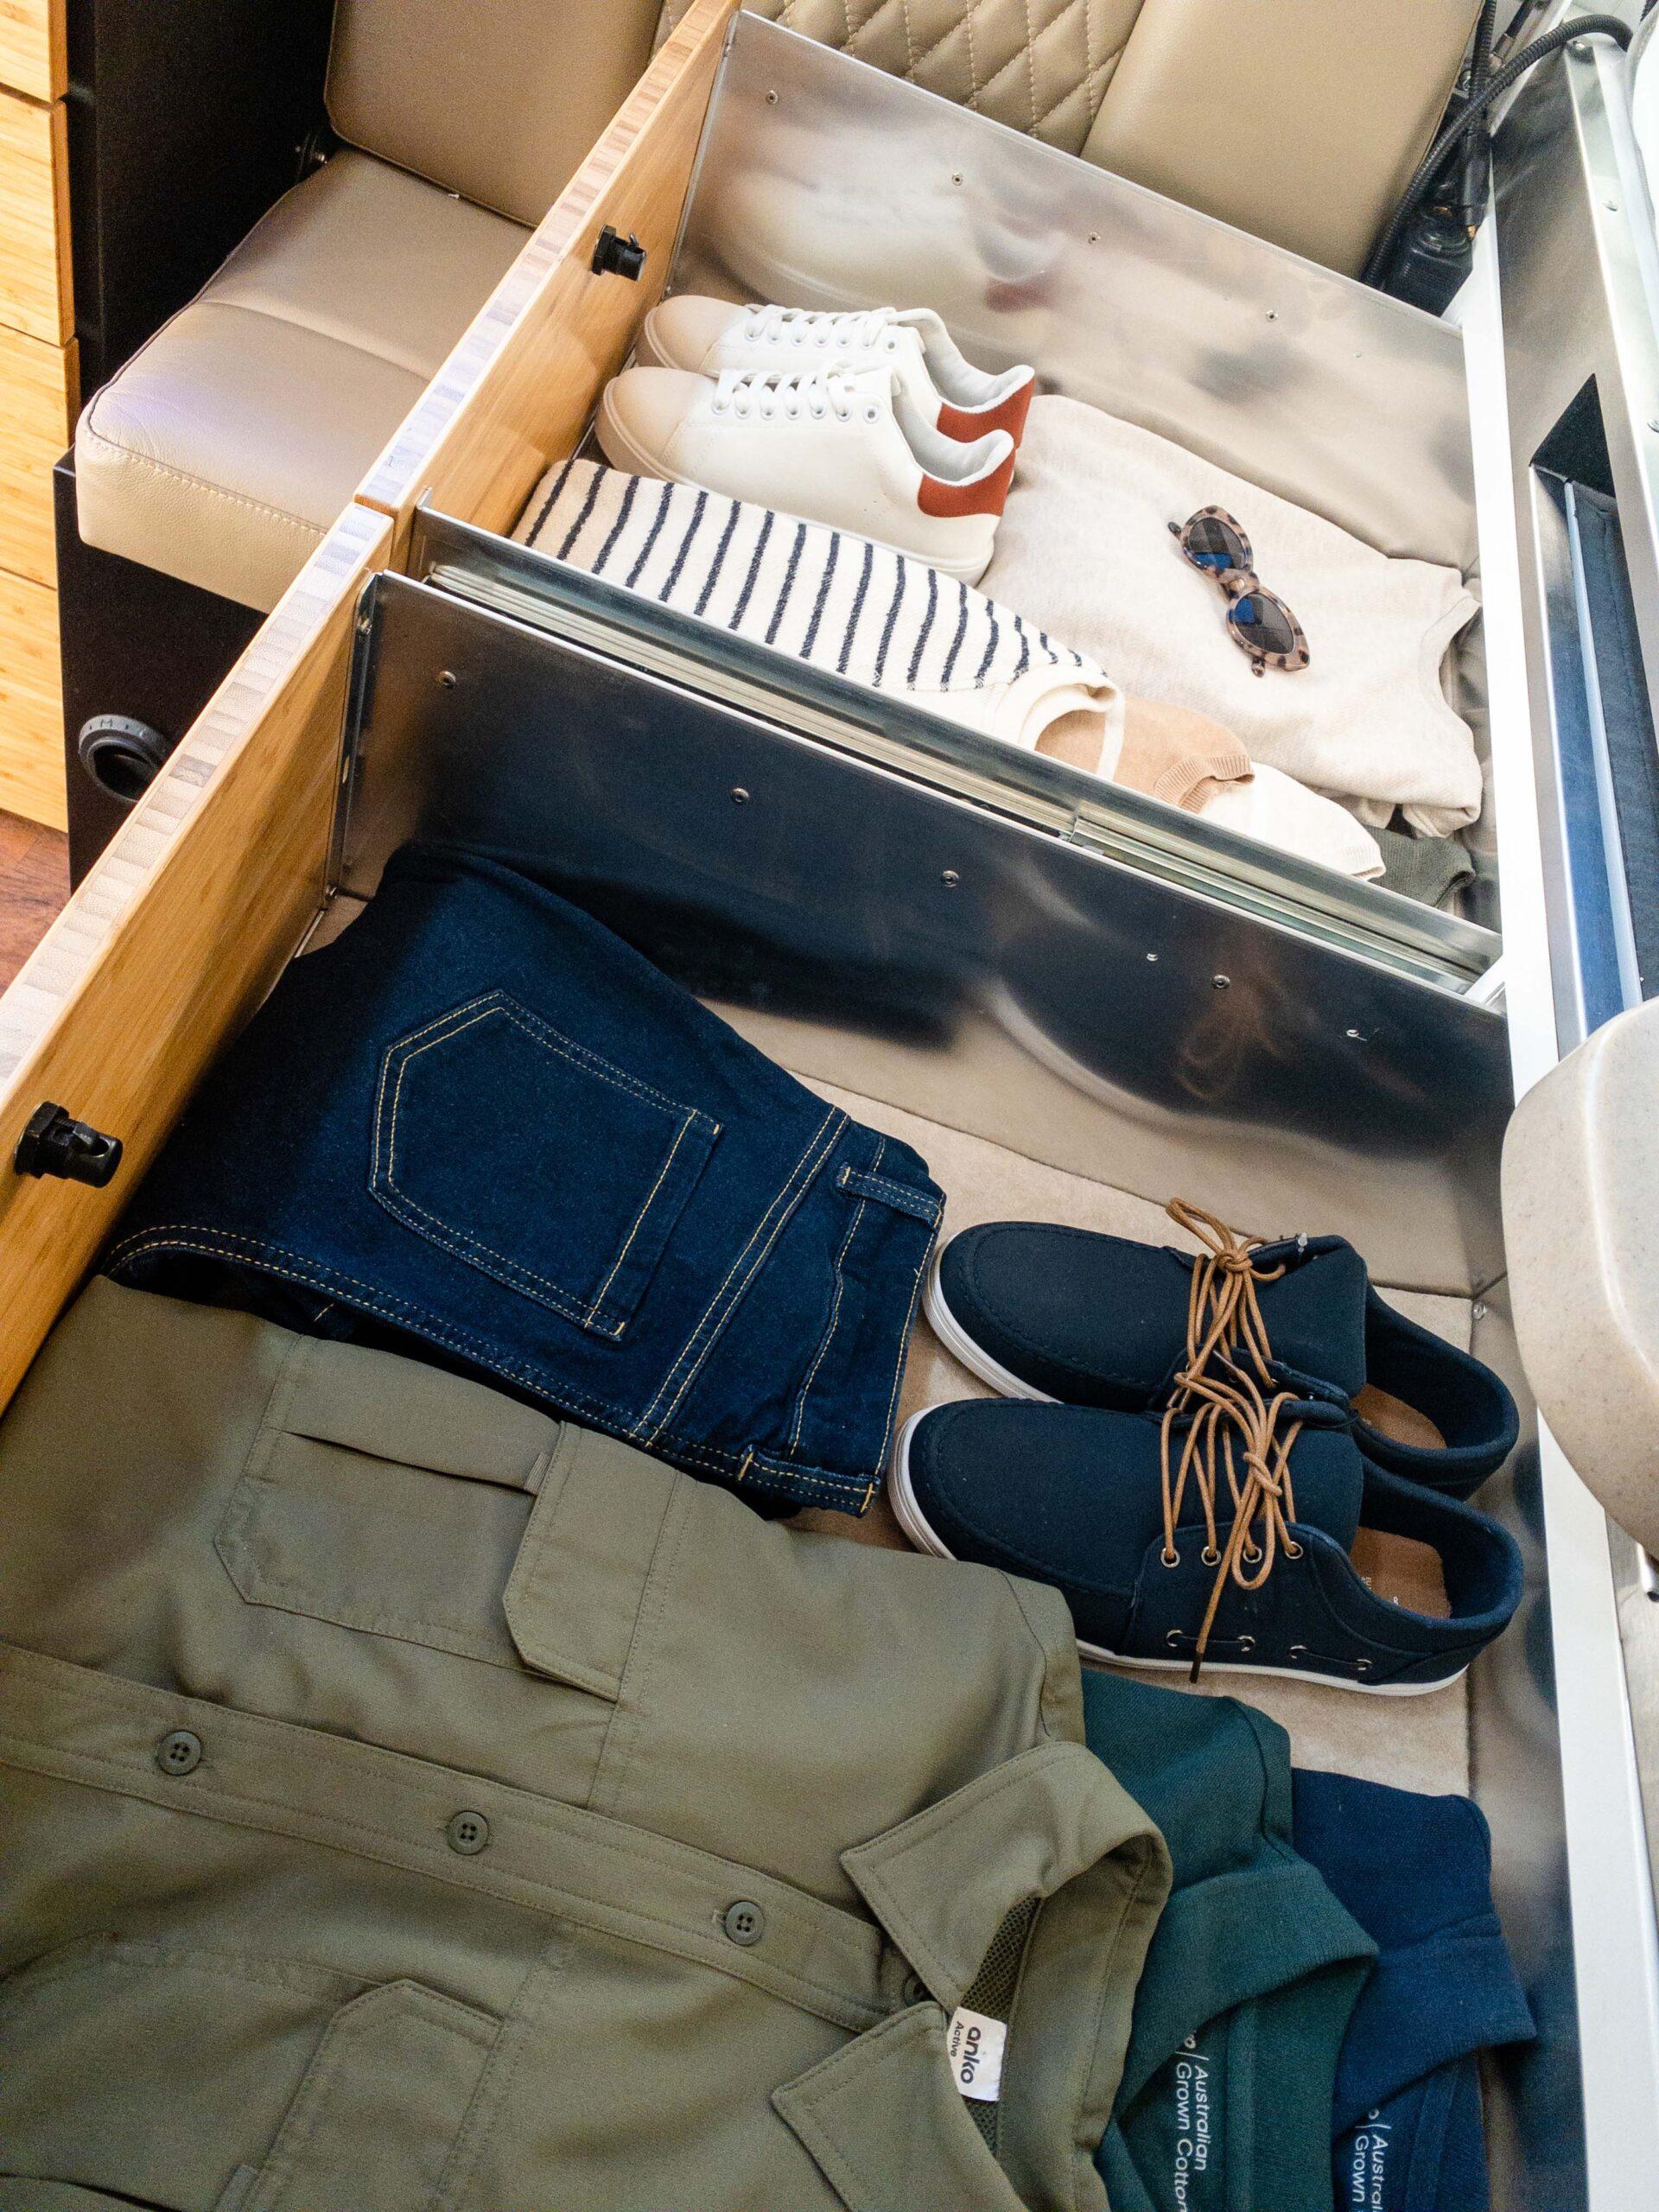 Kimberley Karavan under bed storage drawers